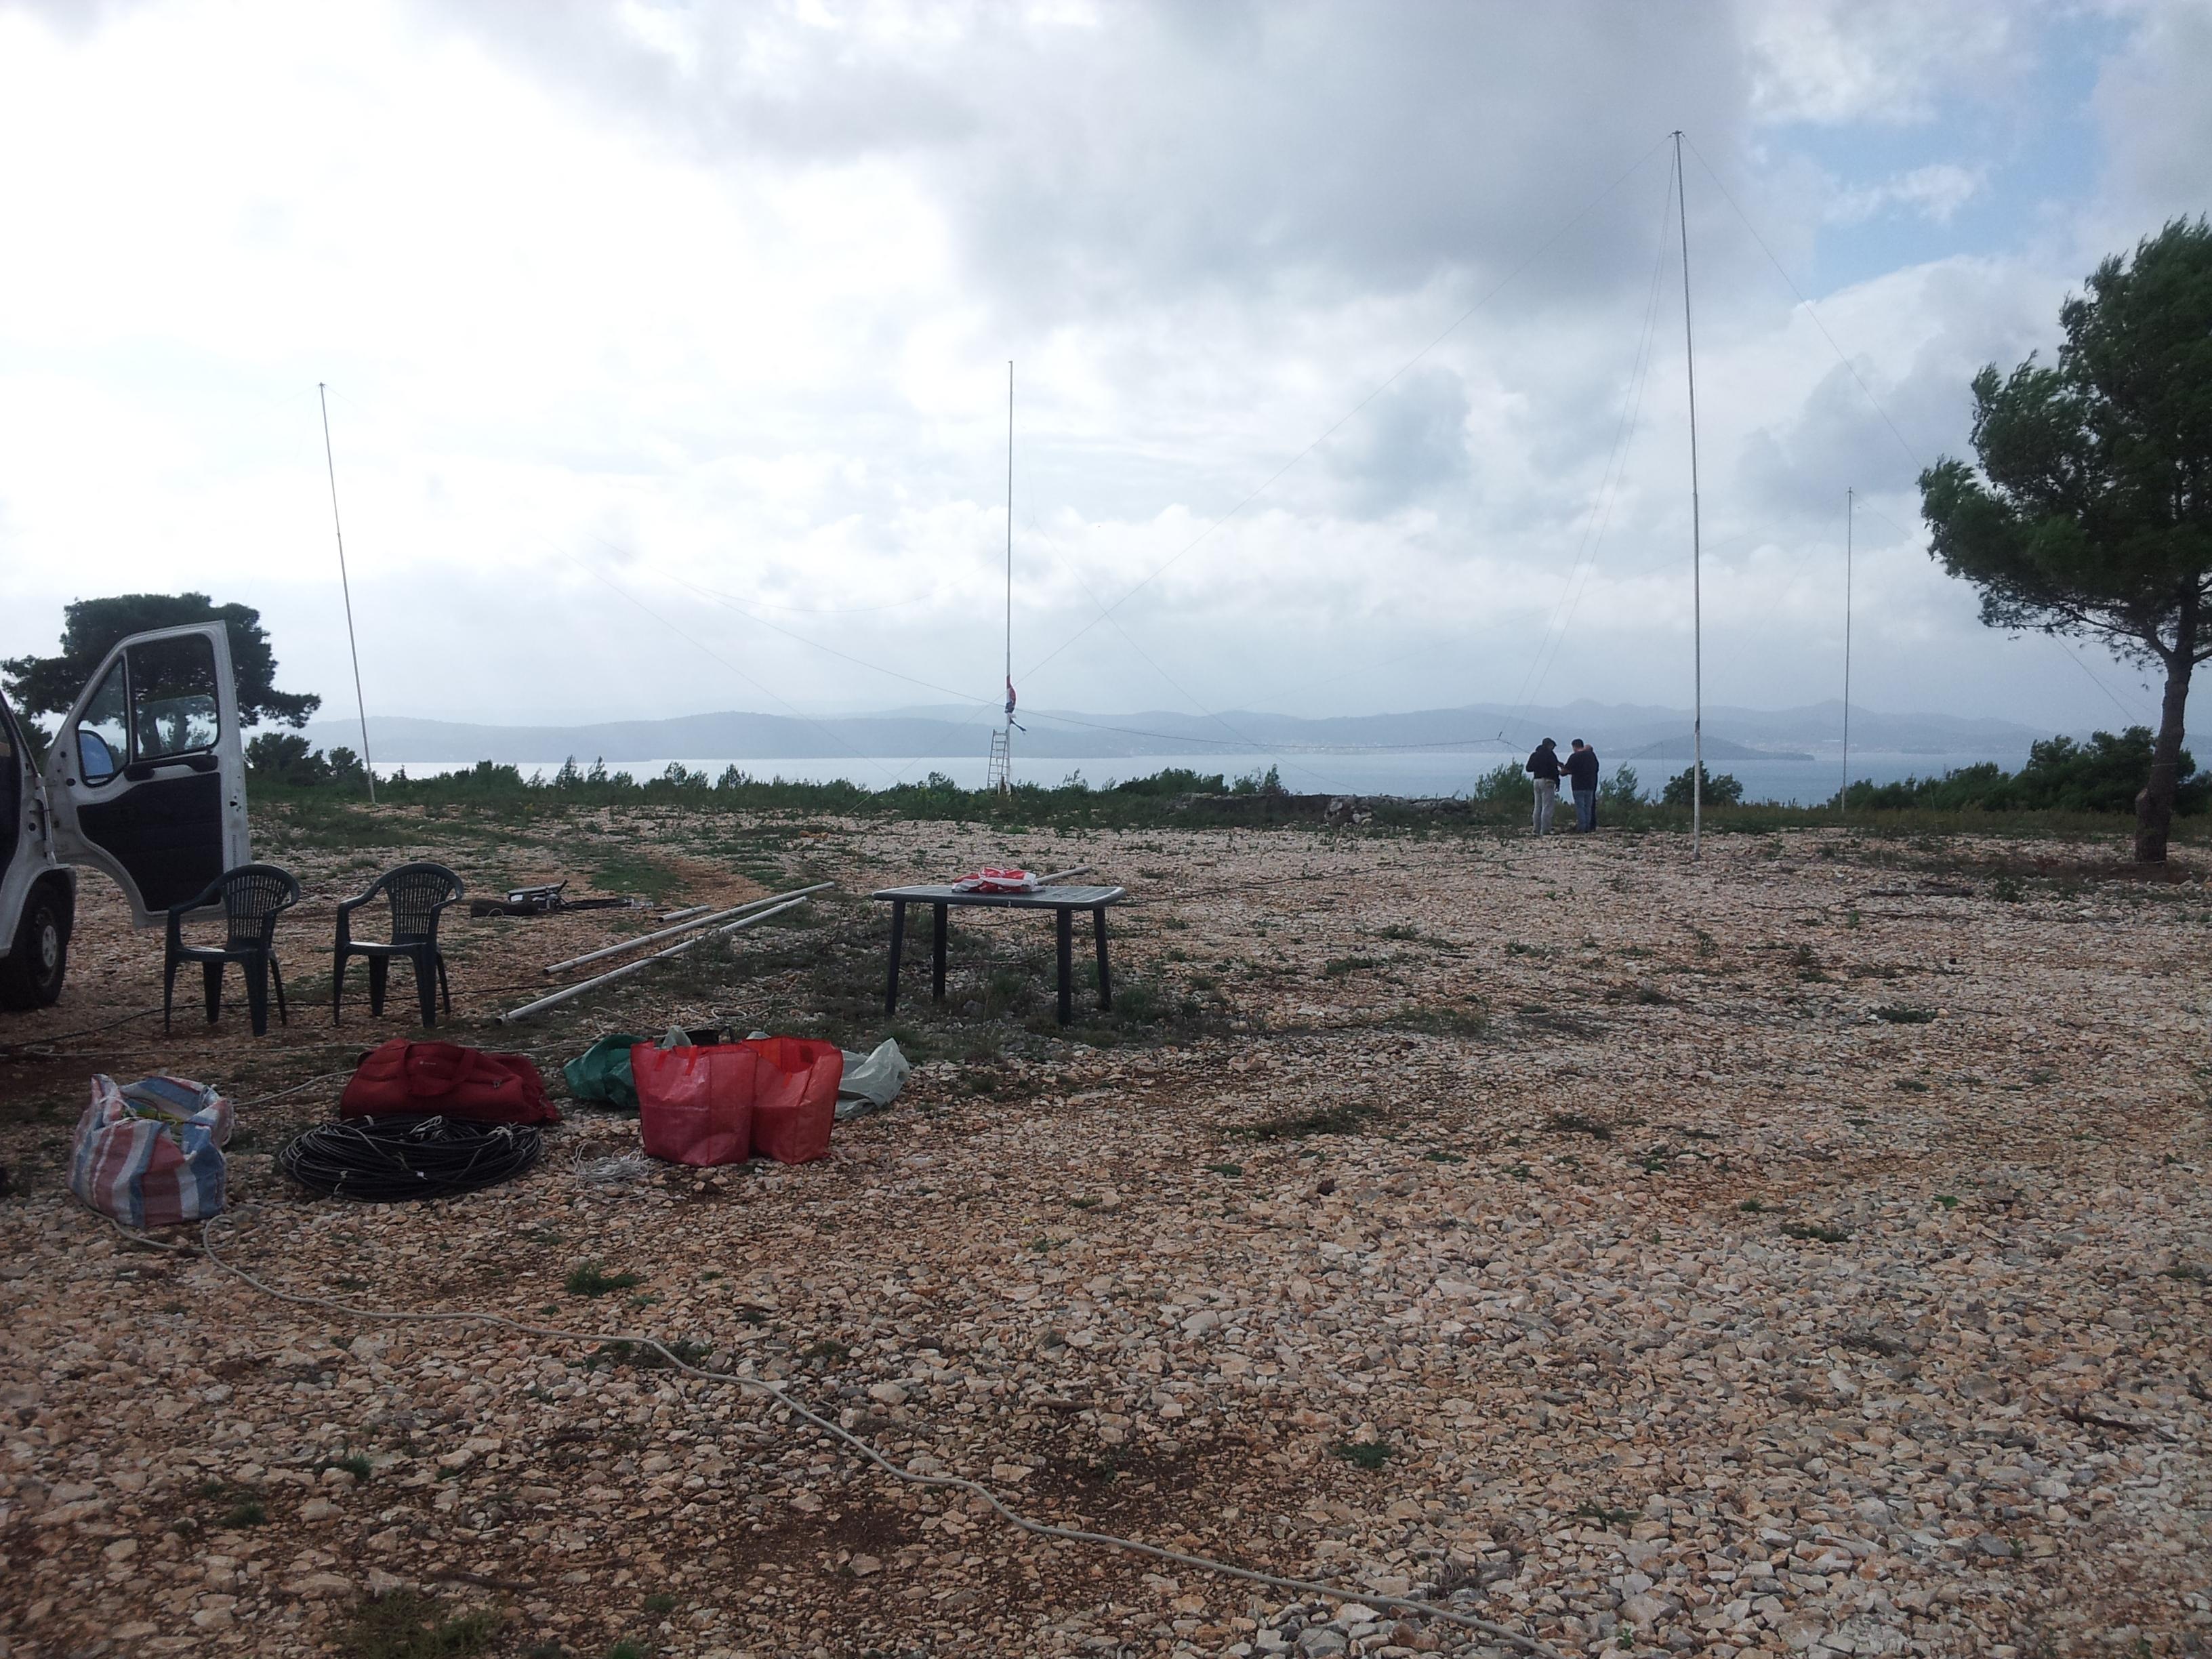 Podizanje sky-loop antene na terenu